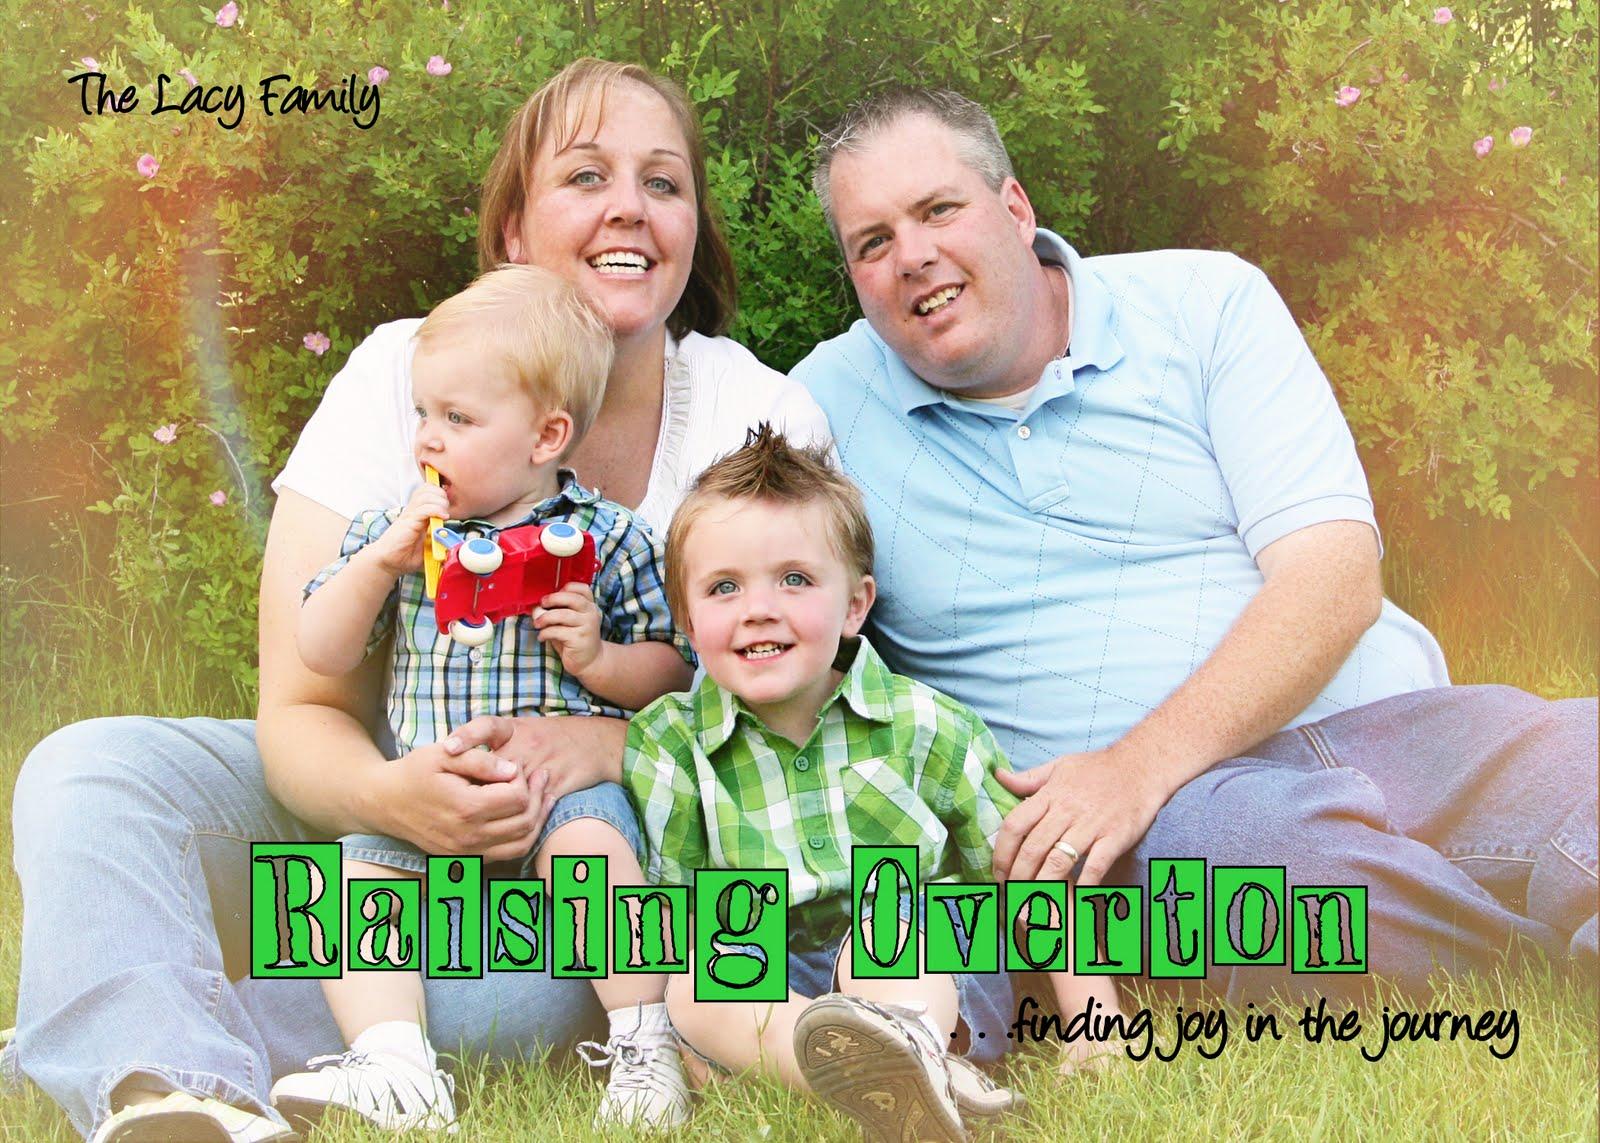 Raising Overton